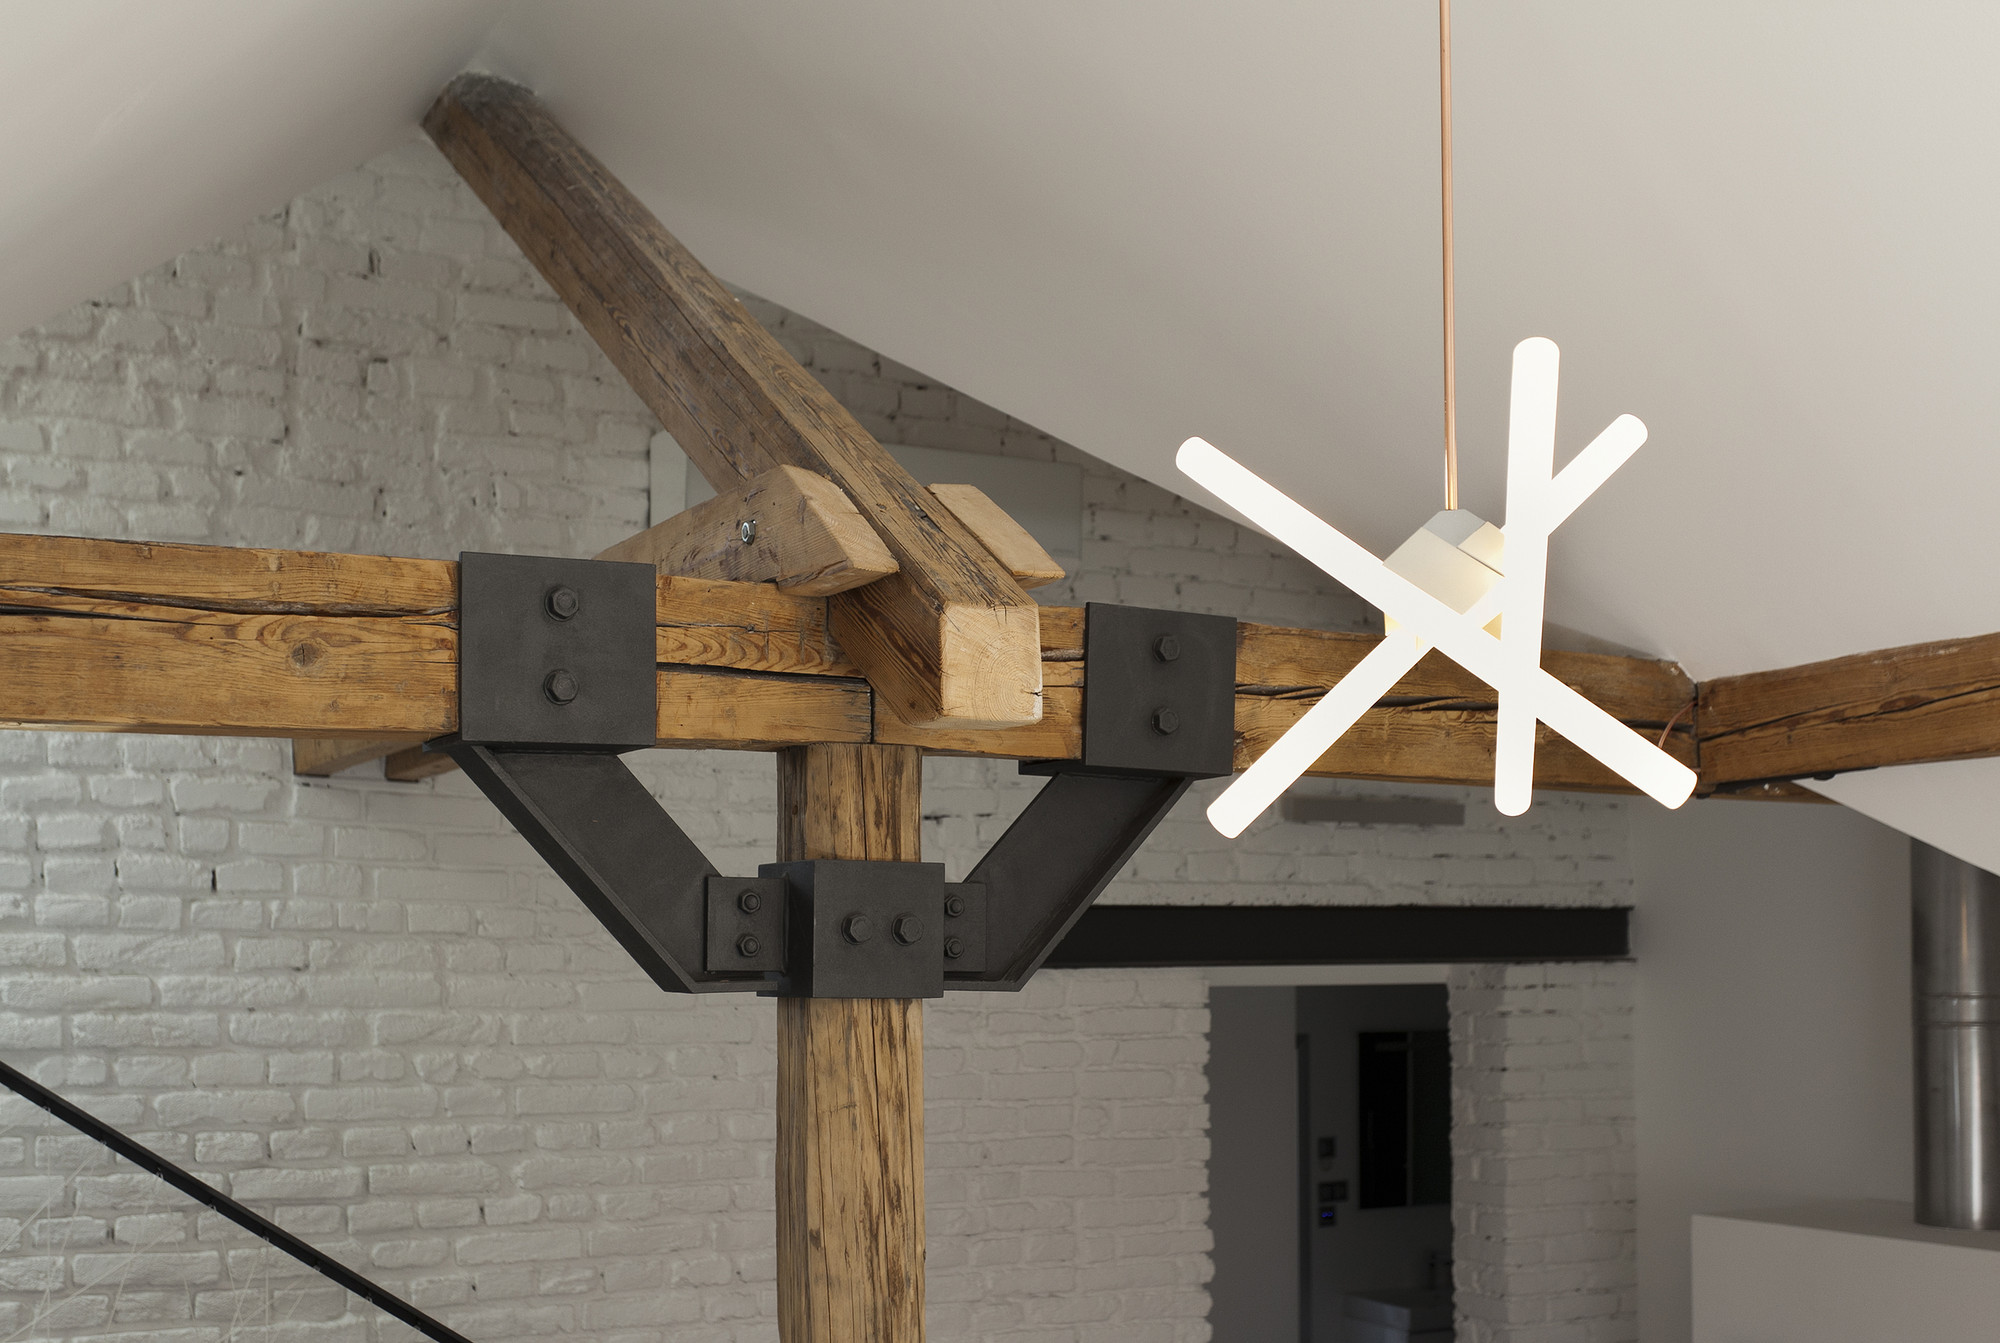 Attic Loft attic loft reconstruction / b² architecture | archdaily